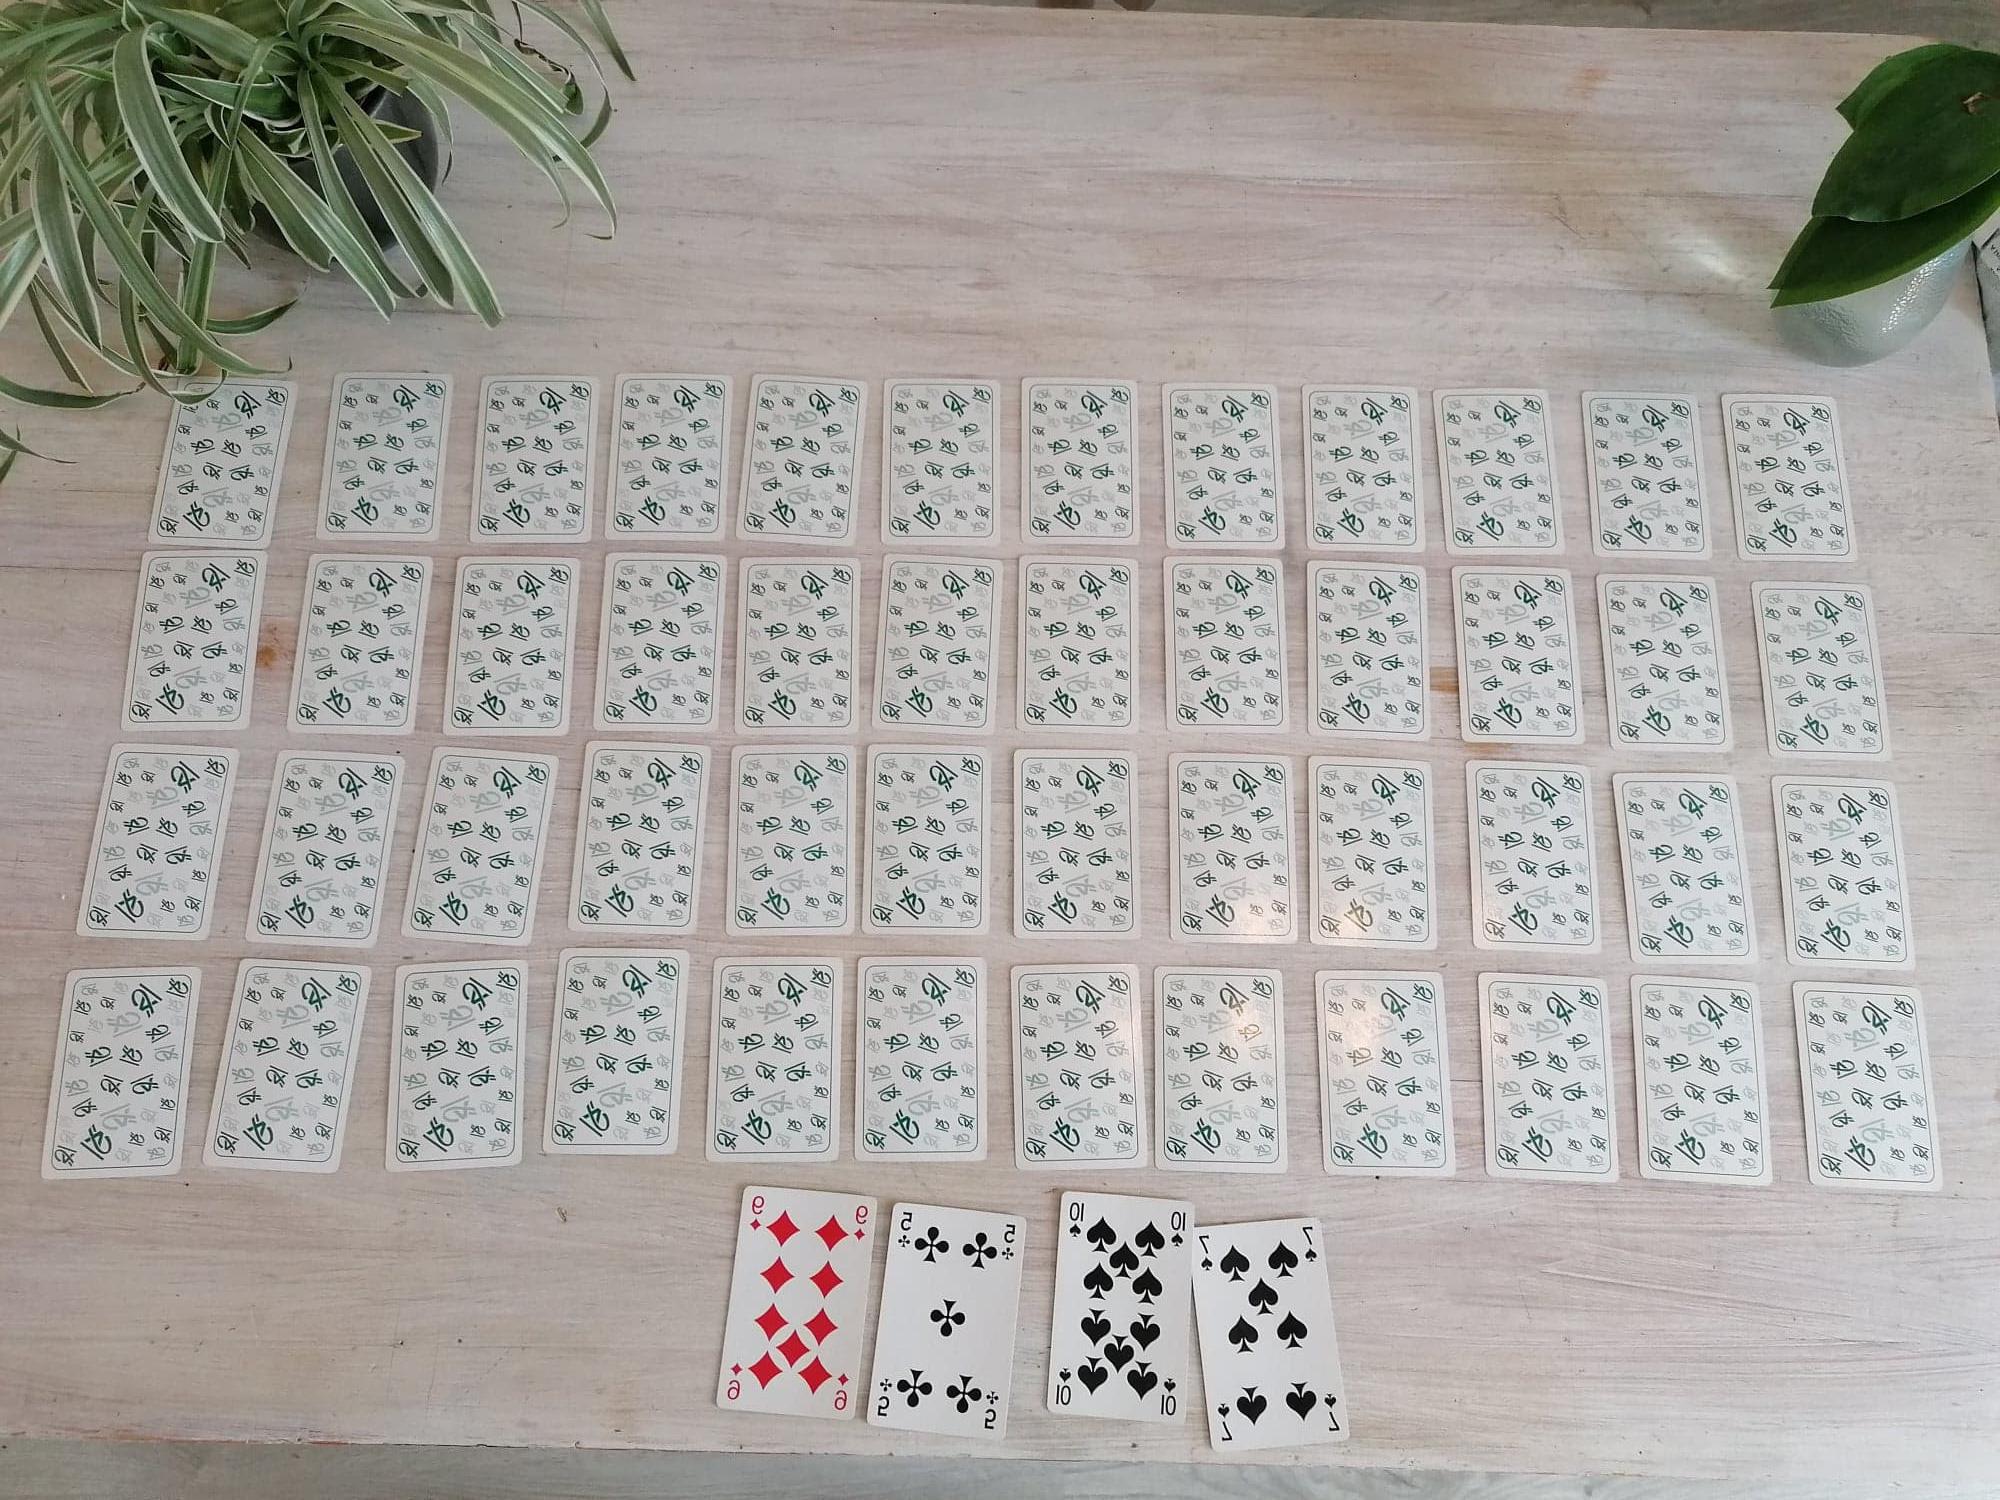 Comment jouer au solitaire classique ?